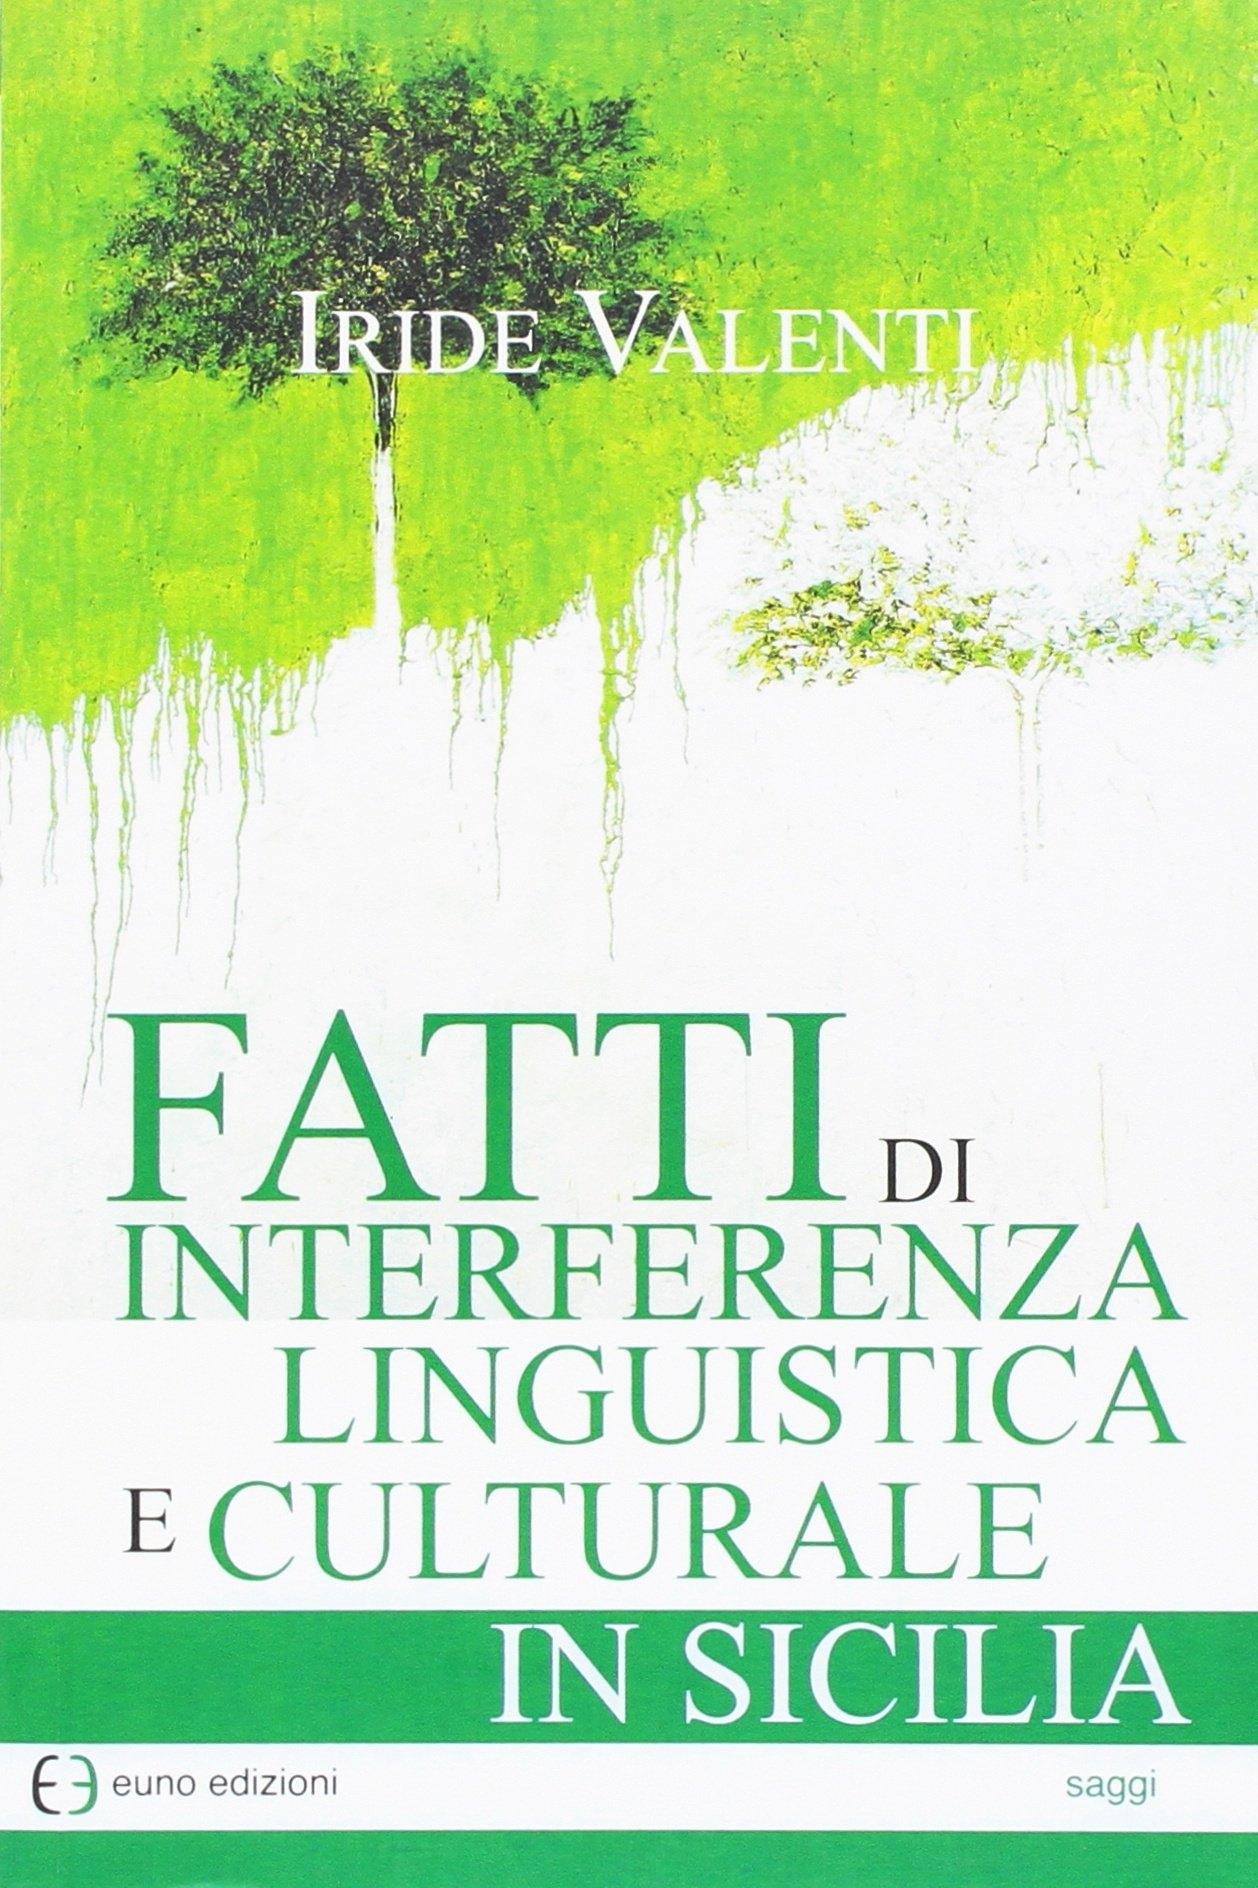 Fatti di interferenza linguistica culturale in Sicilia.